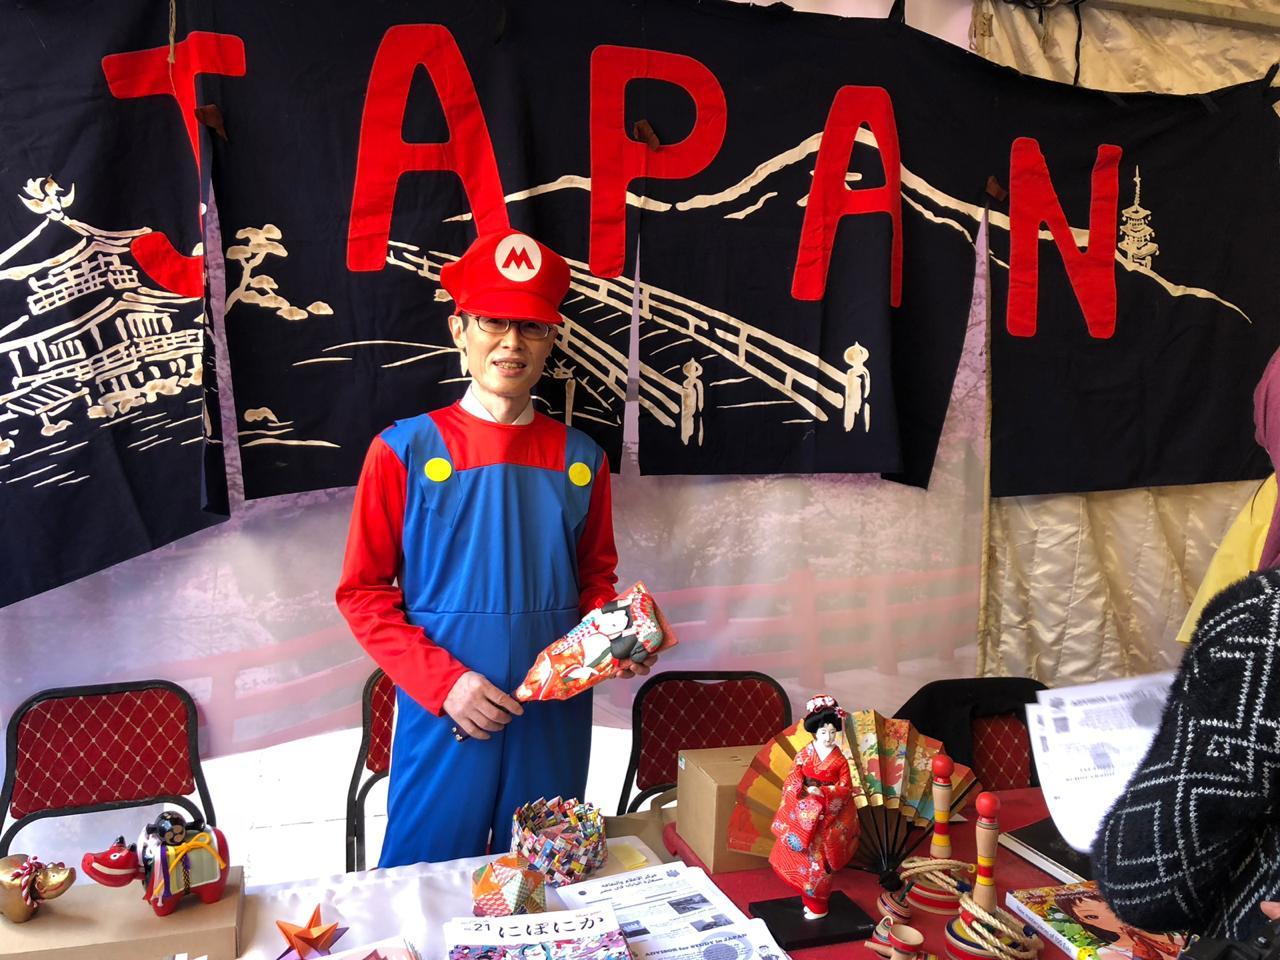 سفير اليابان فى زى سوبر ماريو